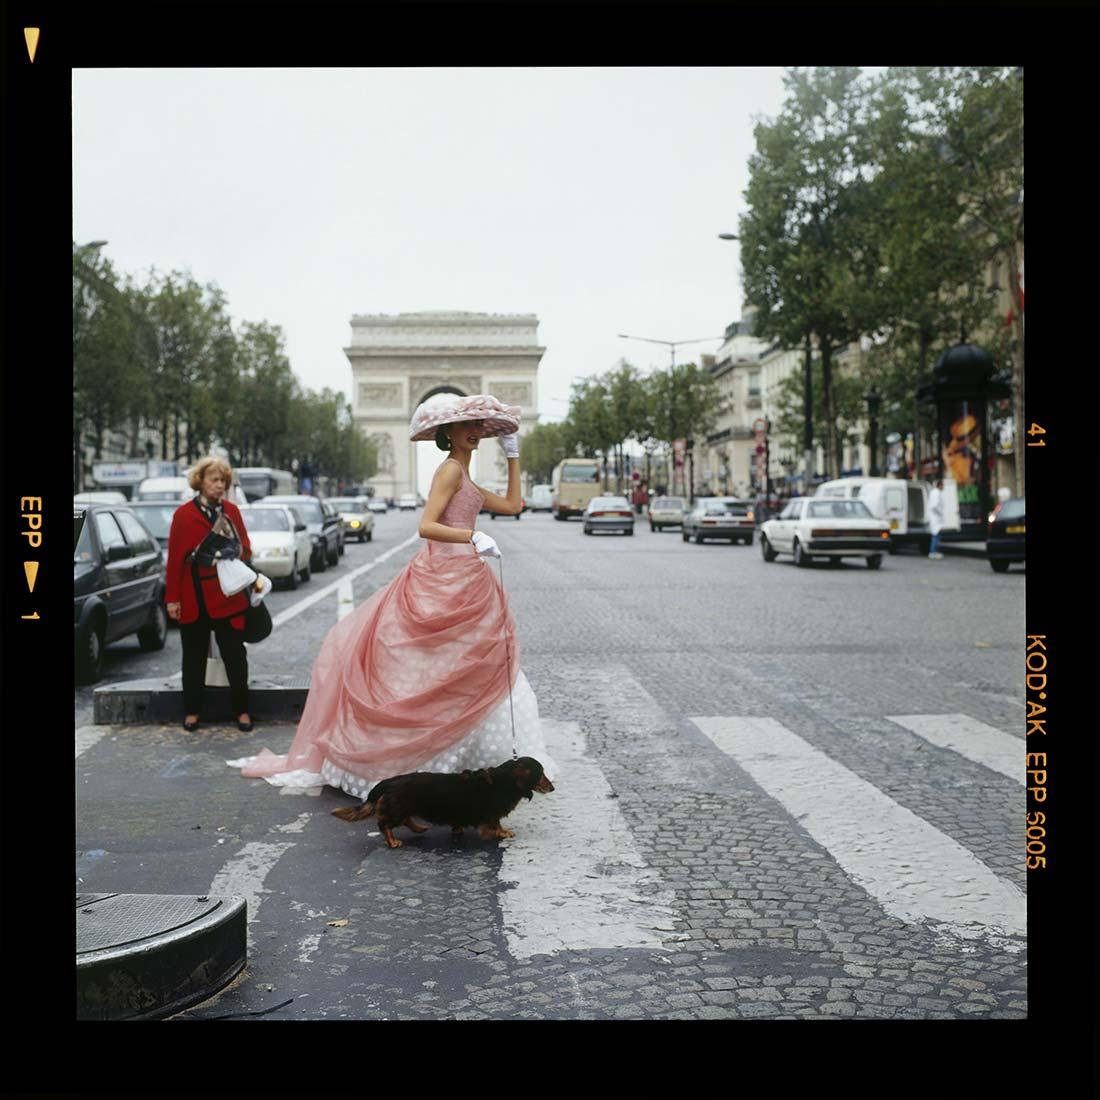 Model, Champs Elysees, Paris, 1995